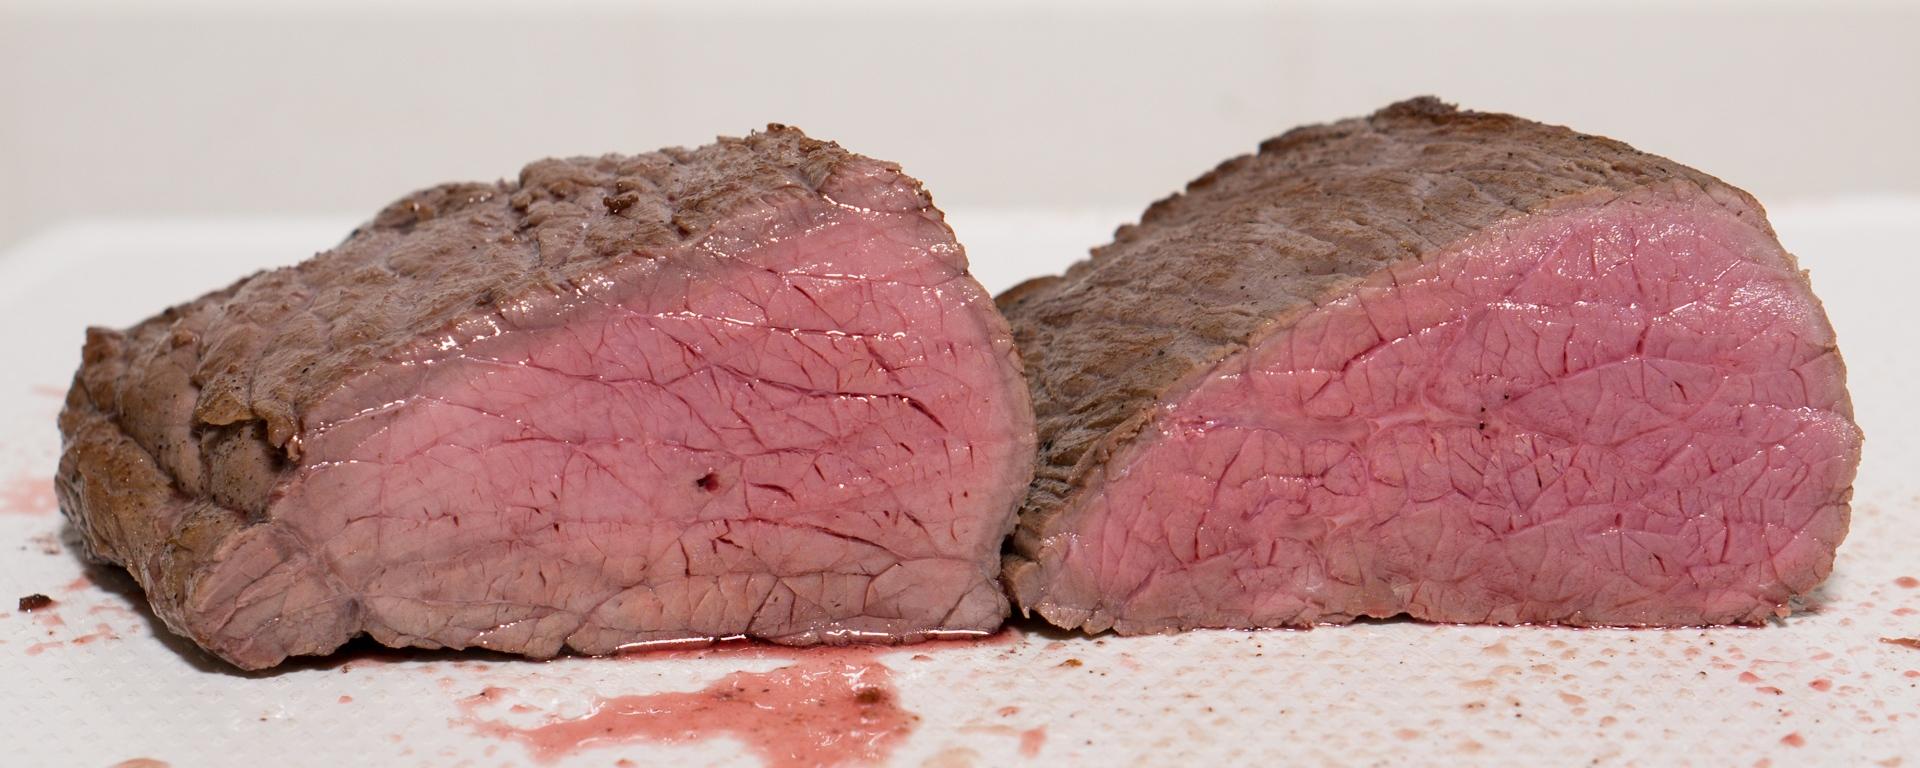 roast beef oven versus sous vide stefan s gourmet blog